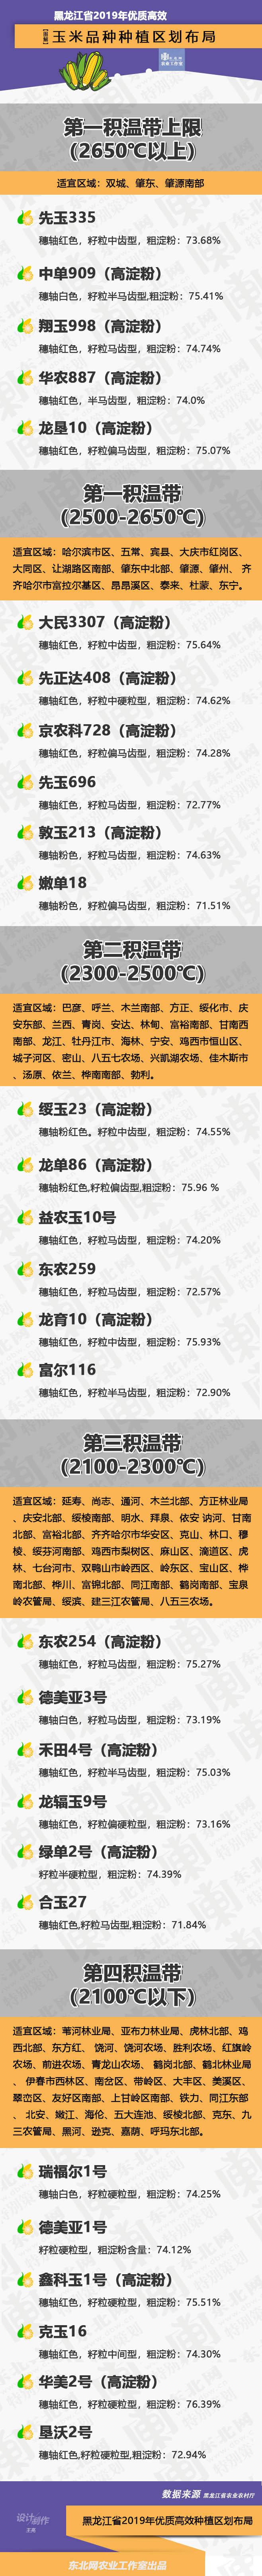 【一图看懂】黑龙江省2019年优质高效玉米品种种植